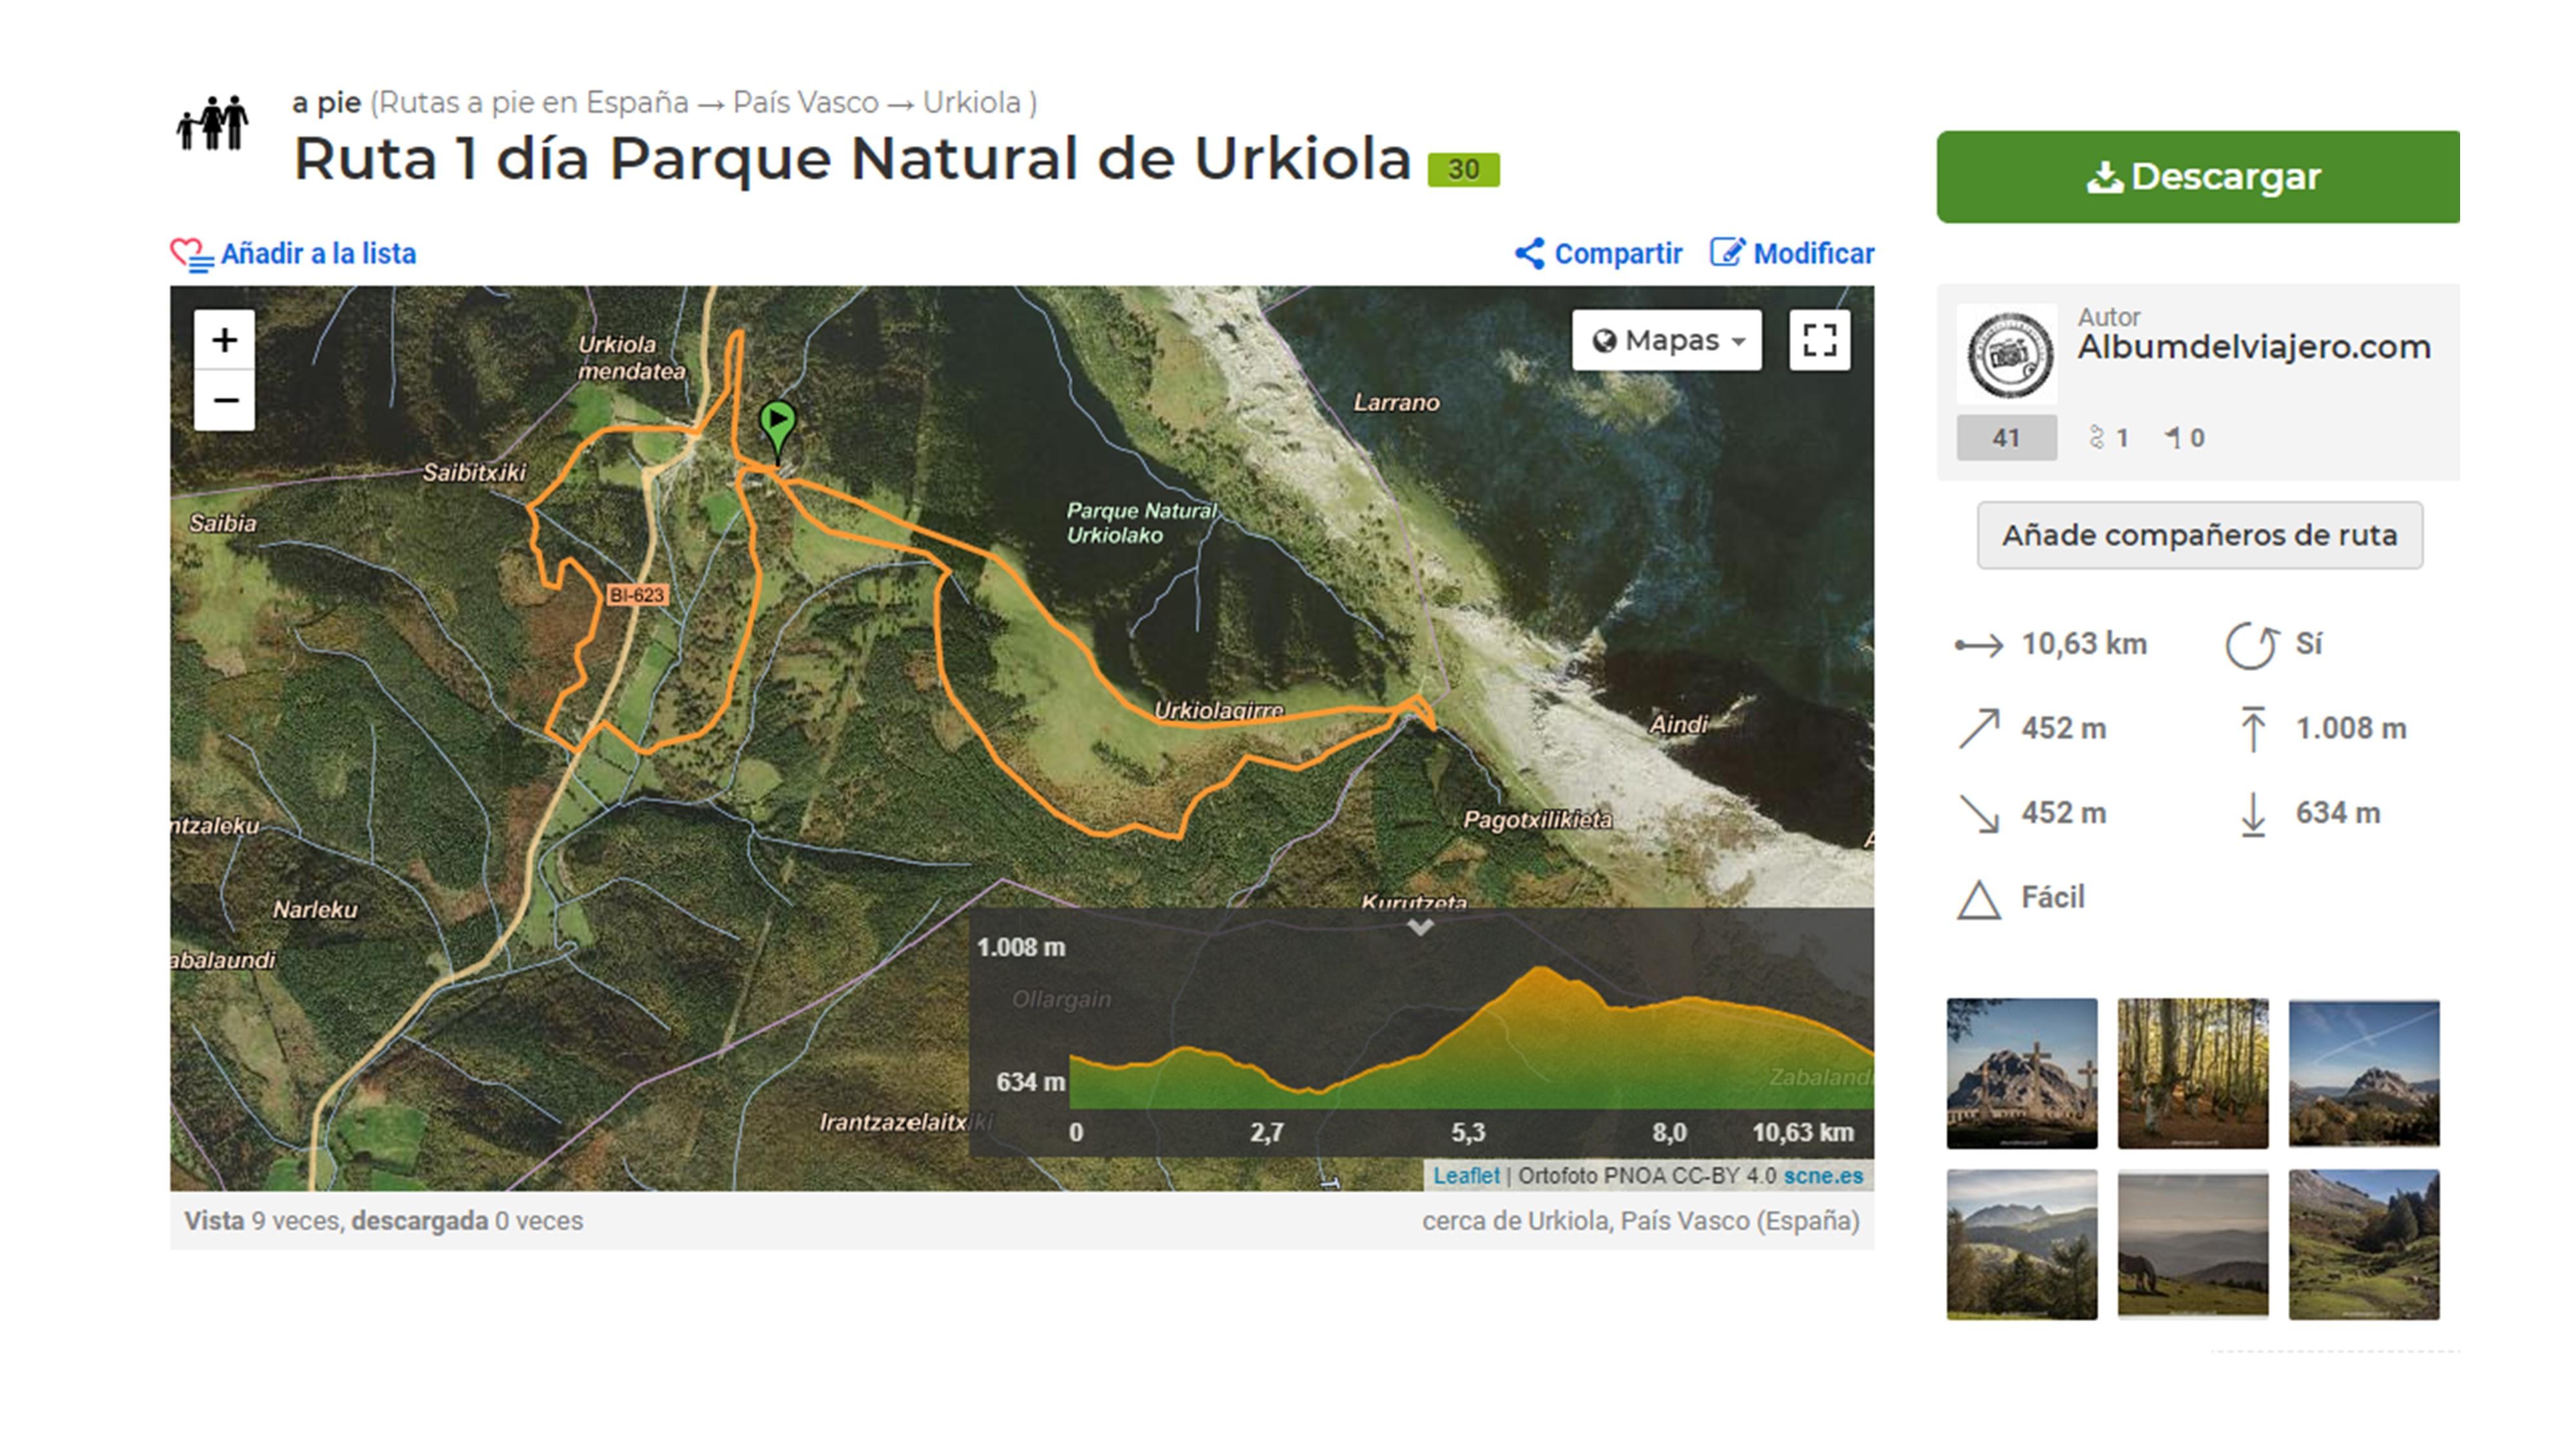 Ruta 1 día Parque Natural Urkiola